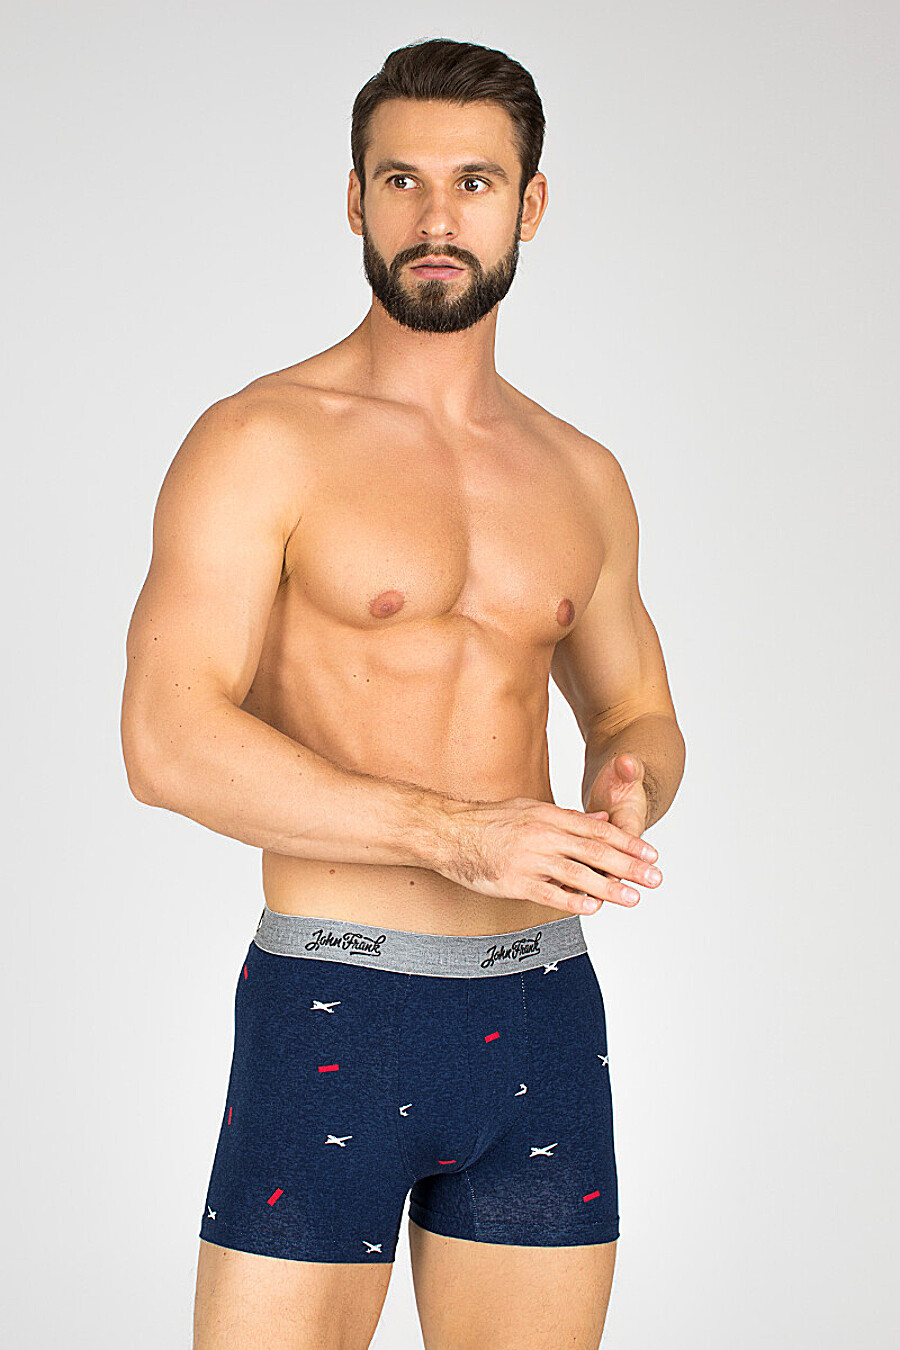 Трусы для мужчин PE.CHITTO 169346 купить оптом от производителя. Совместная покупка мужской одежды в OptMoyo